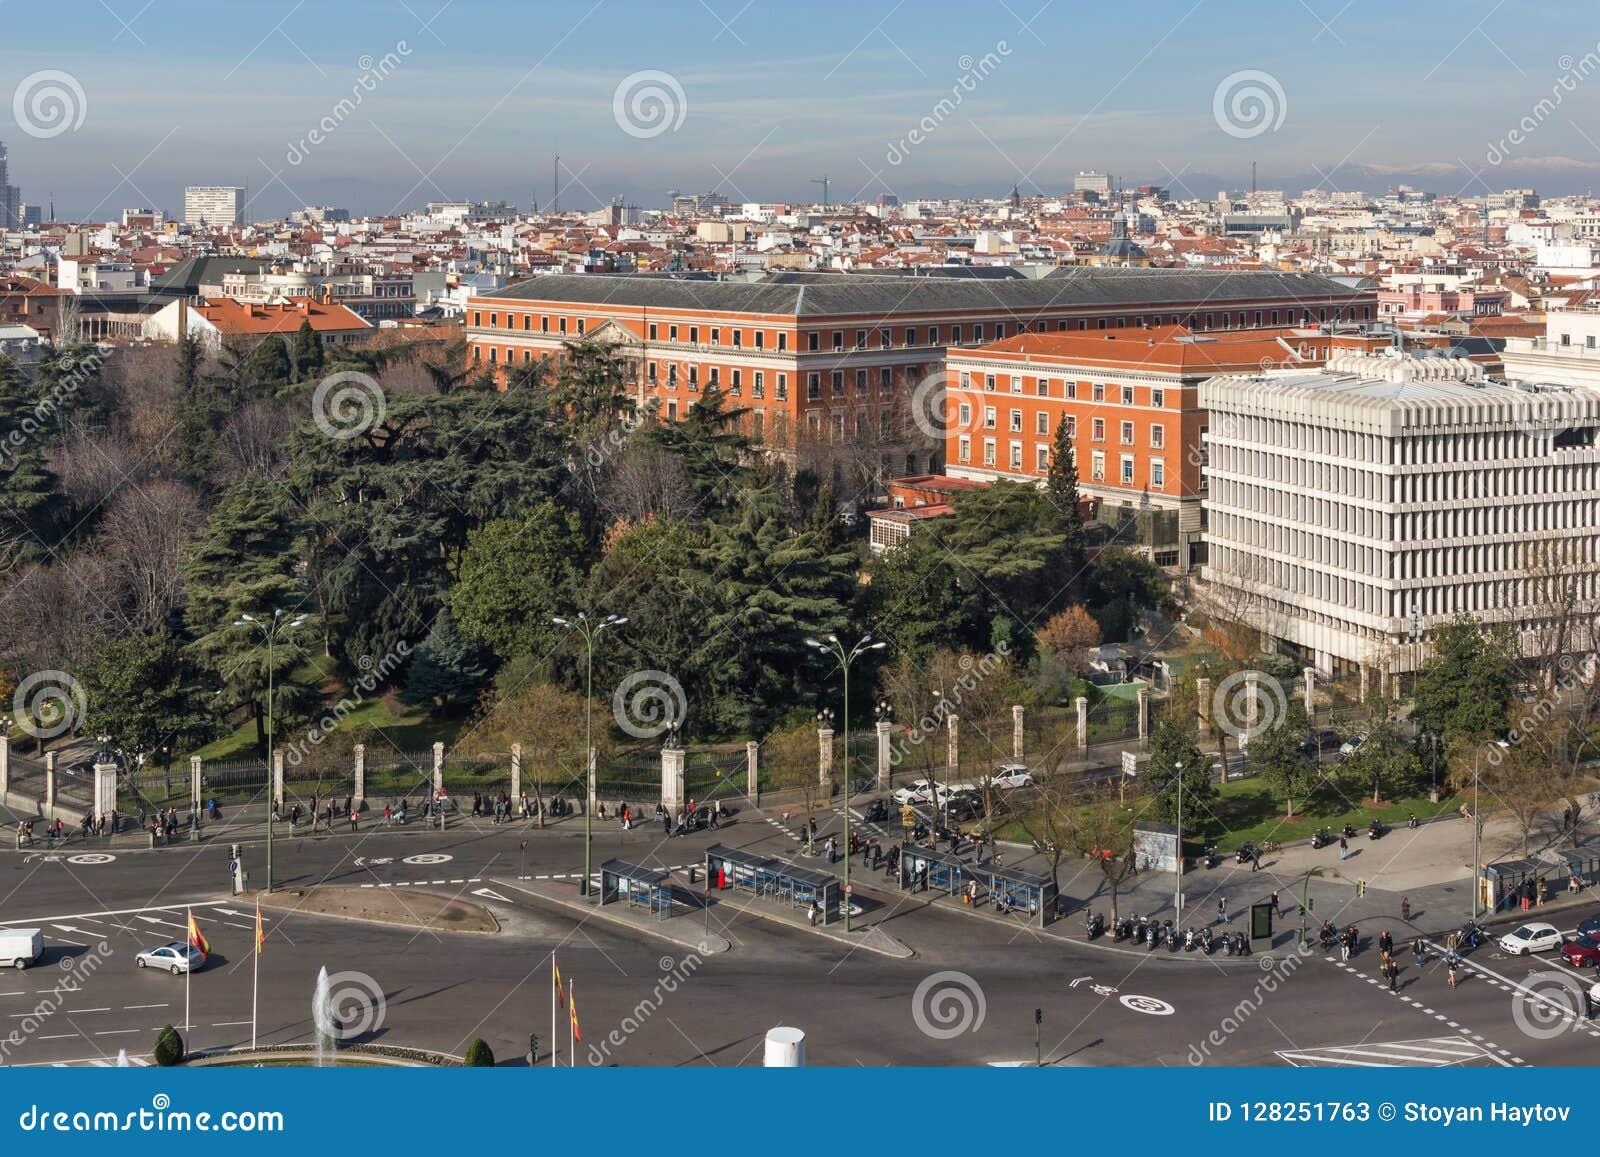 Visión Panorámica Desde La Terraza De Cybele Palace Palacio